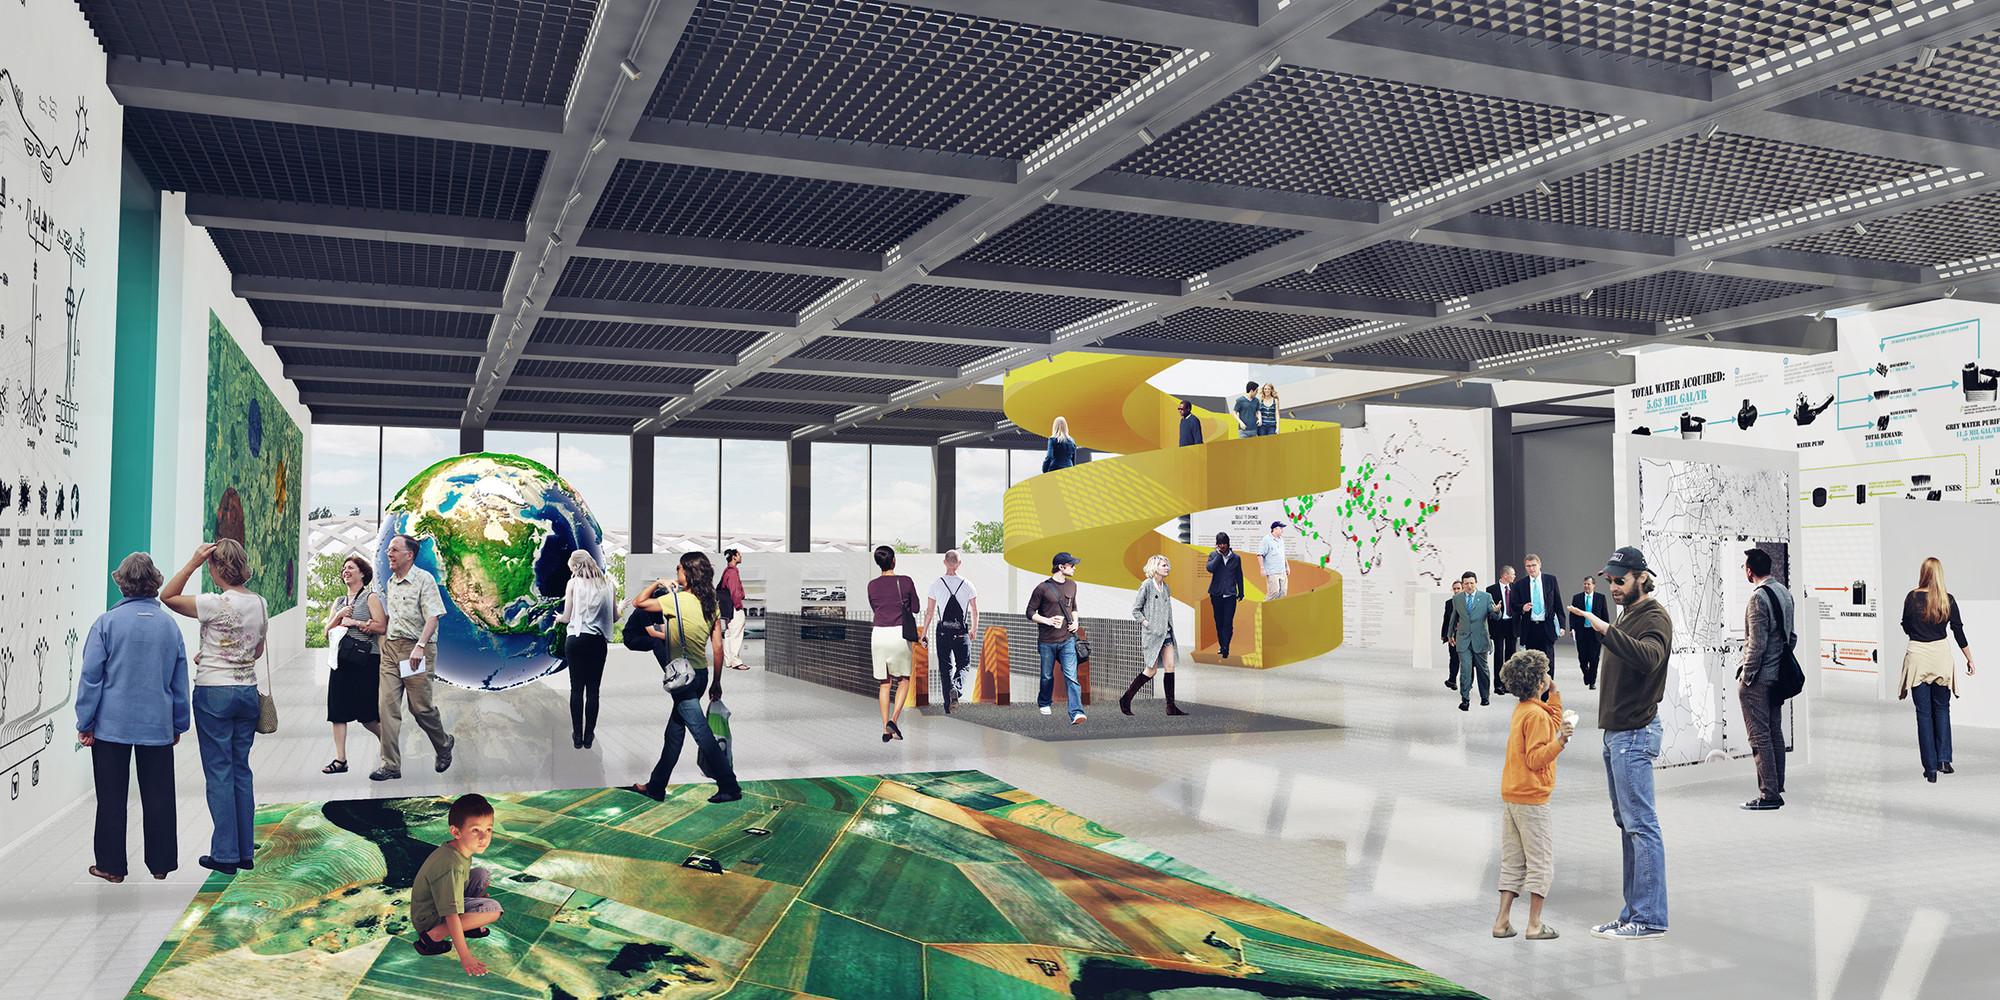 Área de entrada. Imagen Cortesía del Equipo de Proyecto